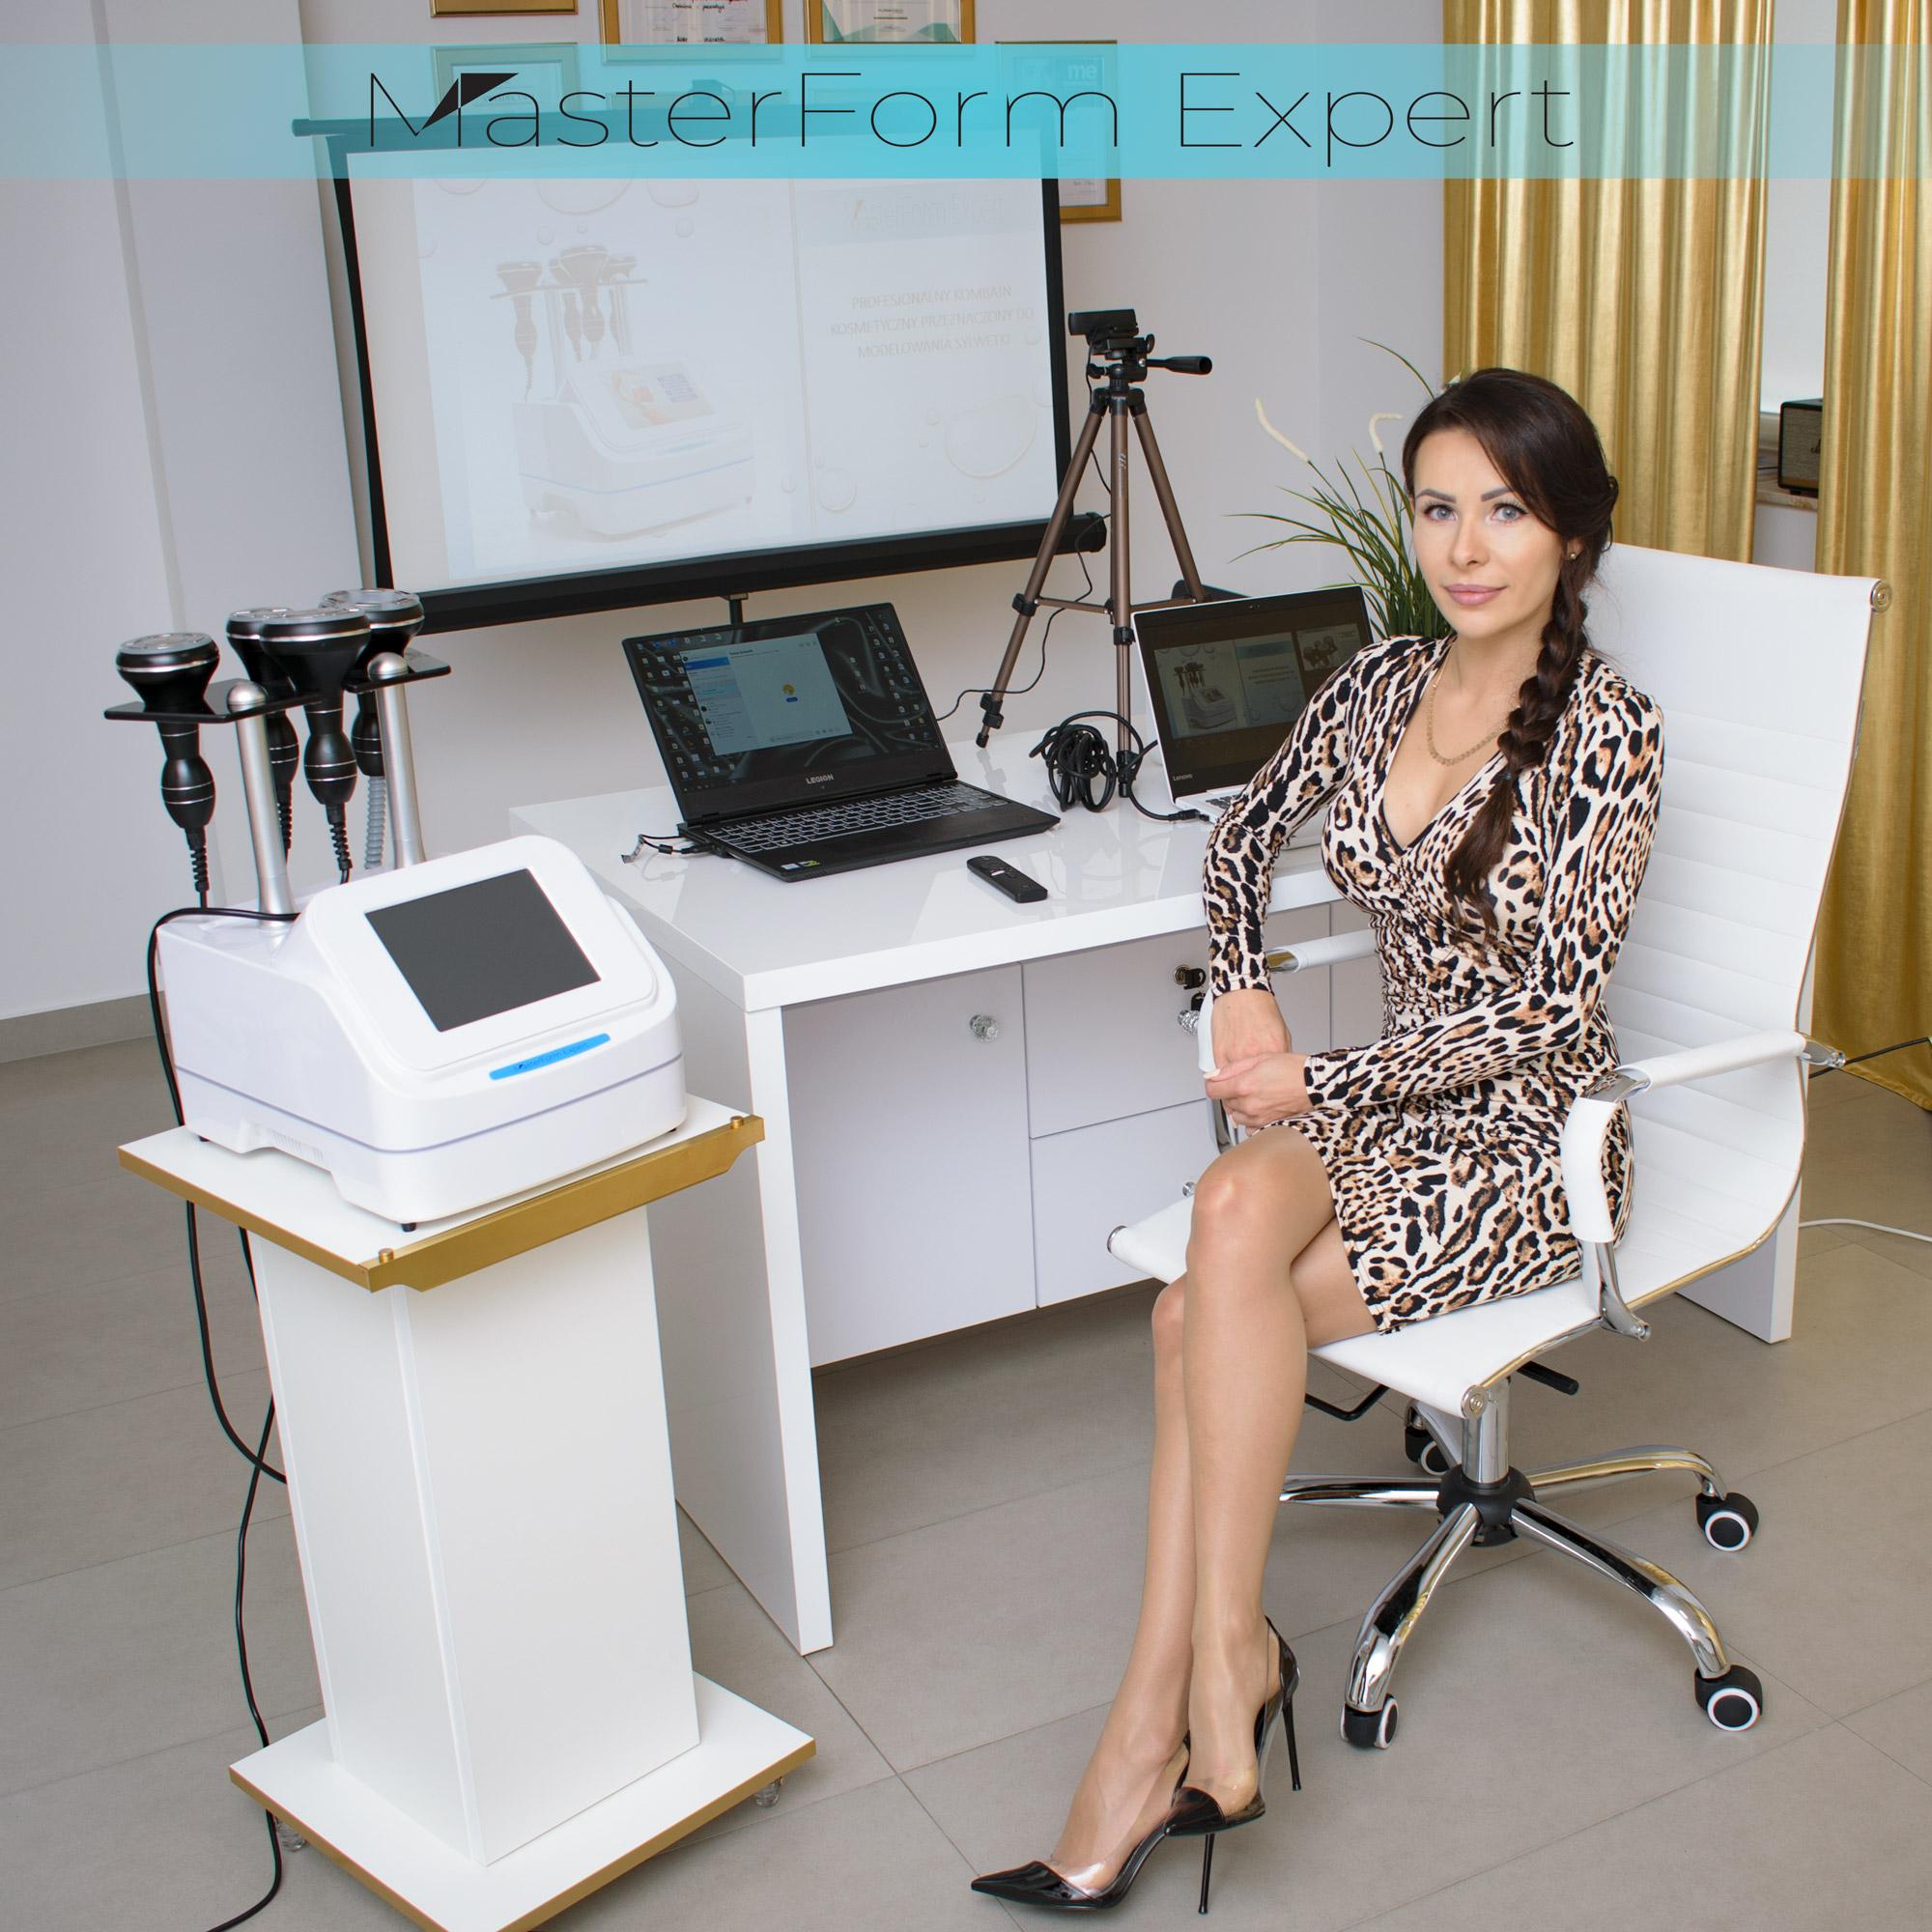 Bez problemu można przeprowadzić szczegółowy kurs kosmetologiczny przez internet